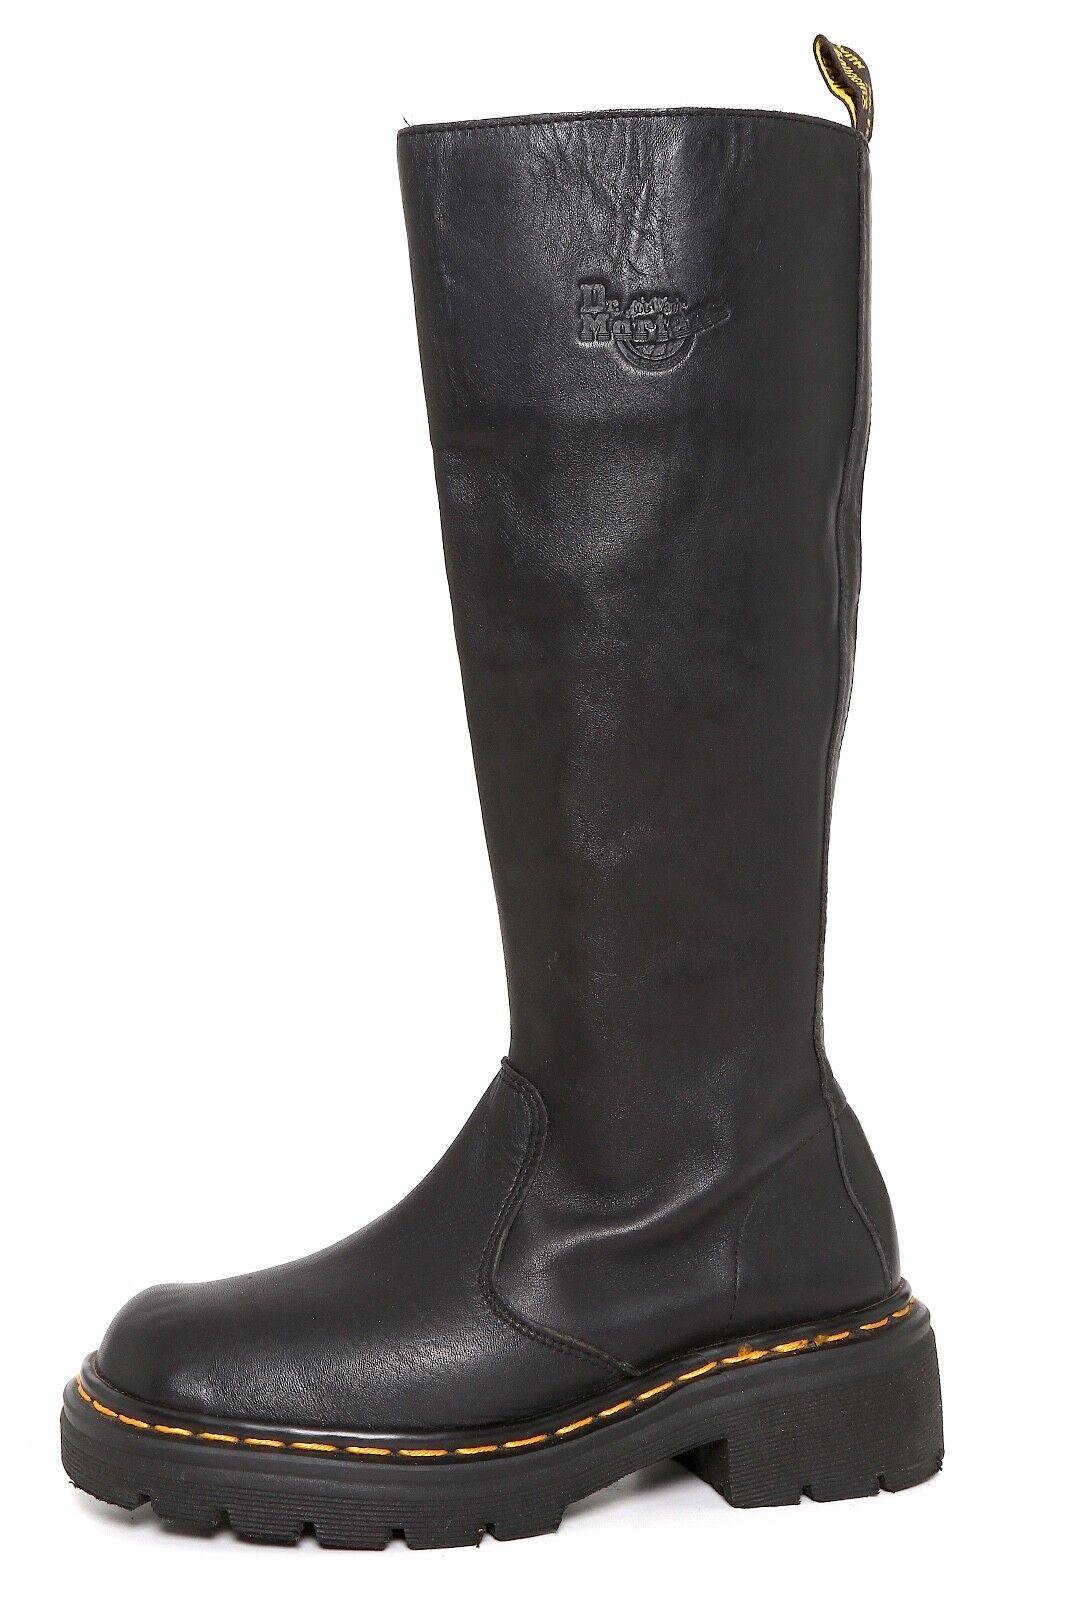 Dr Martens Zip Up Leather Boots Black Women Sz 5 3171